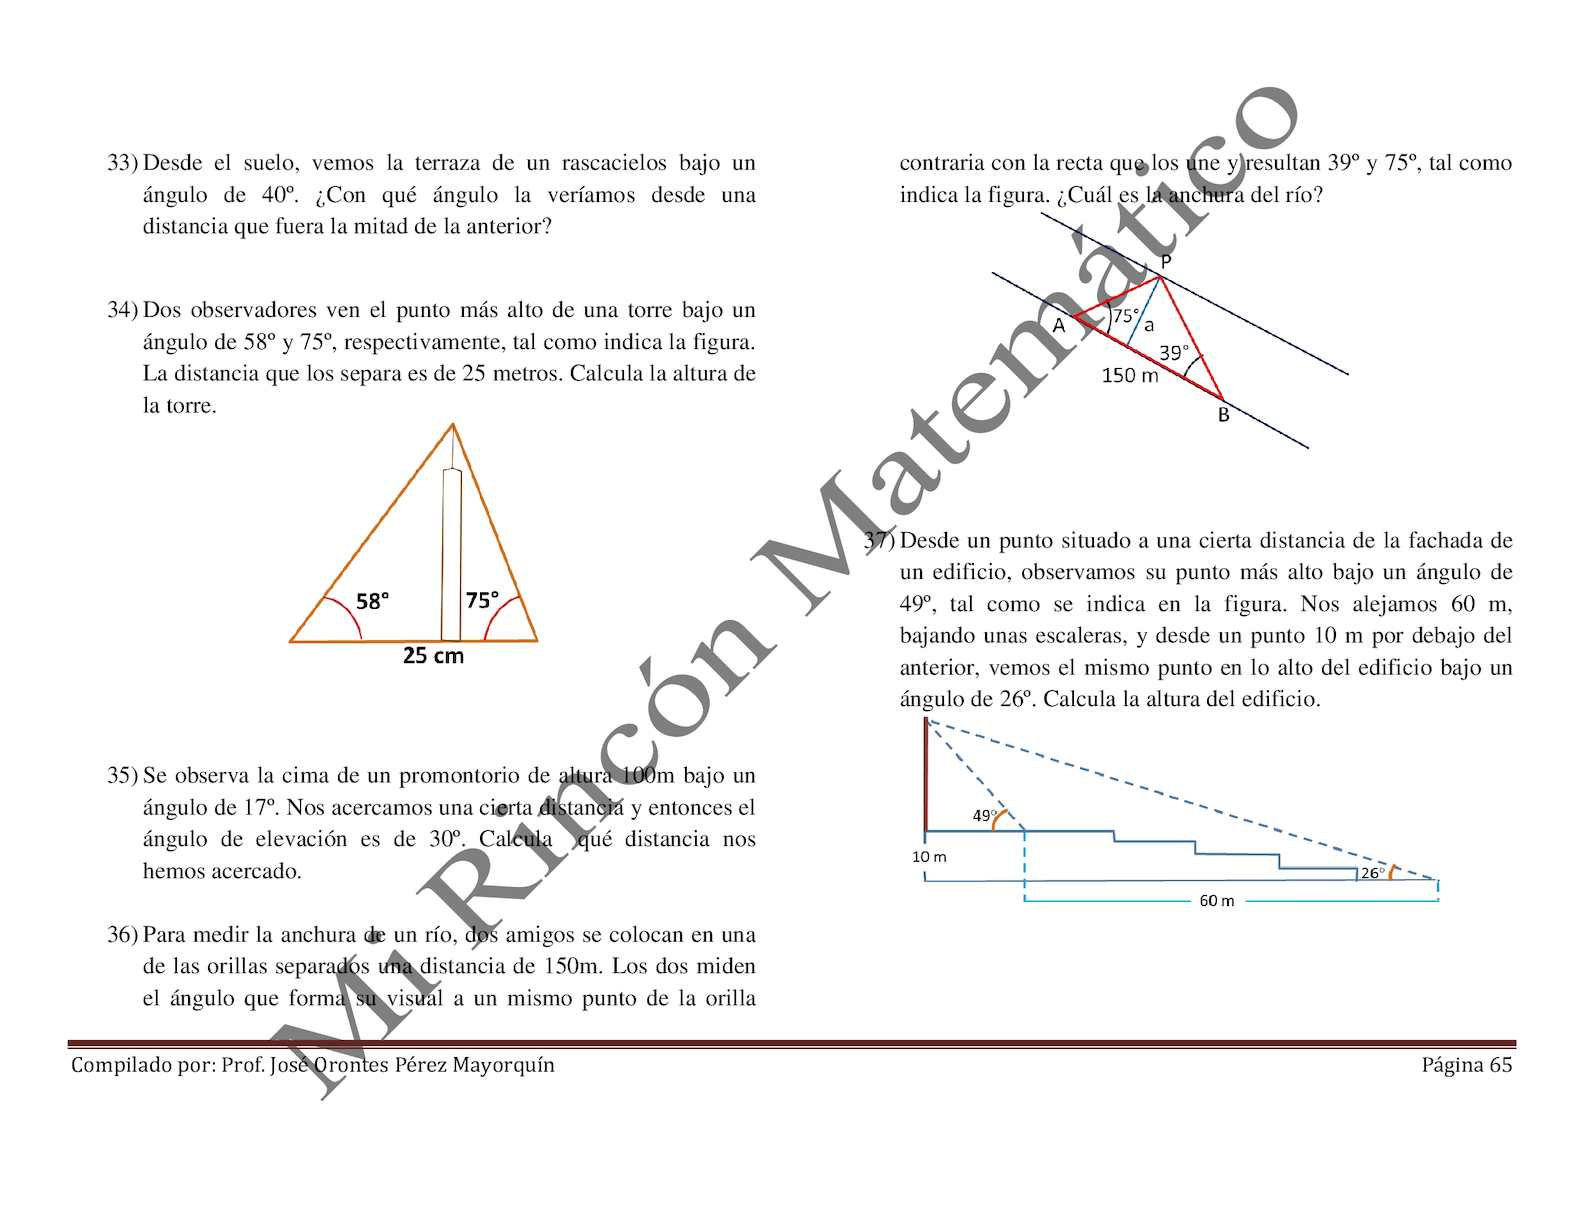 Compendio Del Modulo De Trigonometría Calameo Downloader